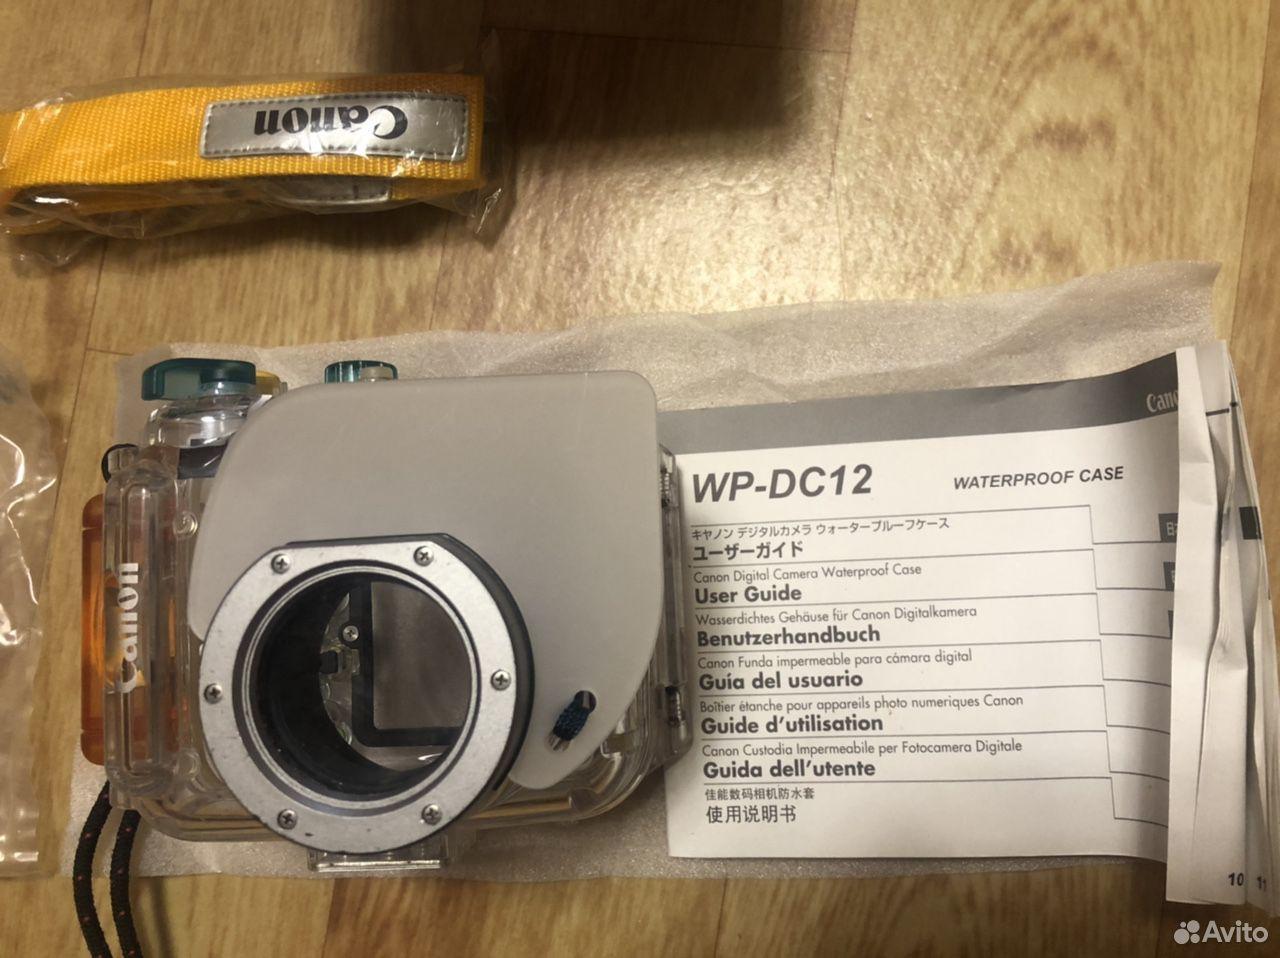 Фотоаппарат canon A570is с боксом для подводной сь 89143229991 купить 4